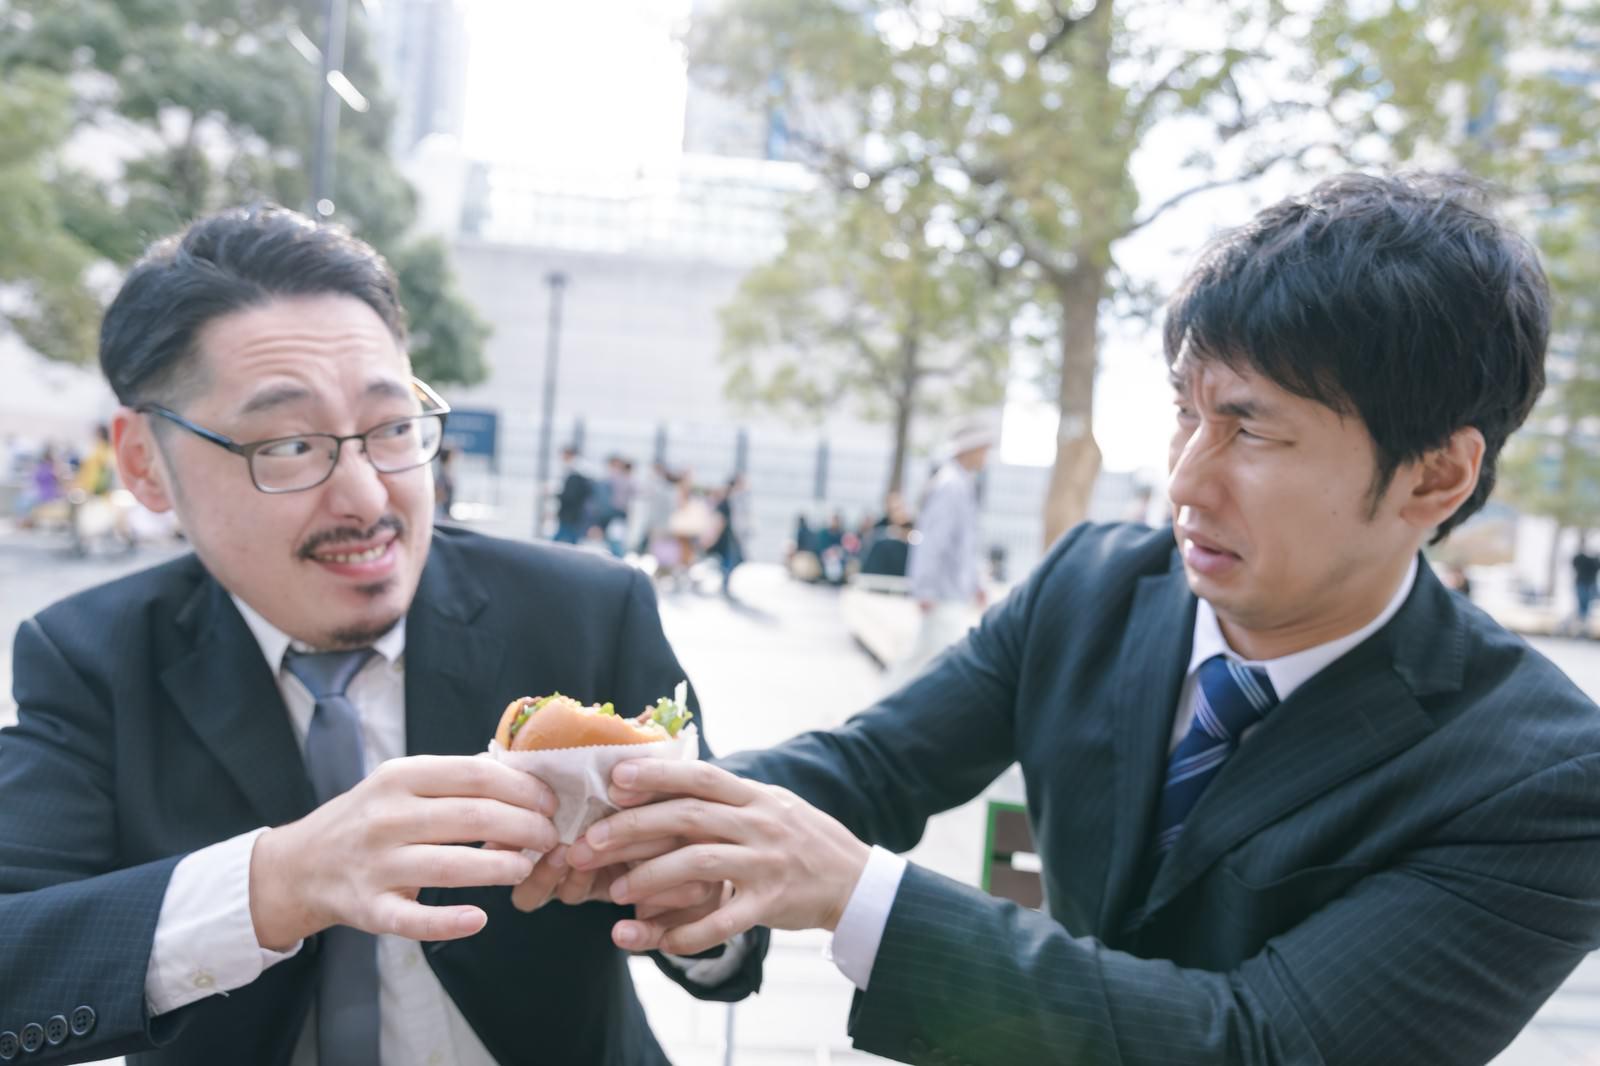 「絶品ハンバーガーを奪い合う上司と部下 | 写真の無料素材・フリー素材 - ぱくたそ」の写真[モデル:大川竜弥 ゆうせい]